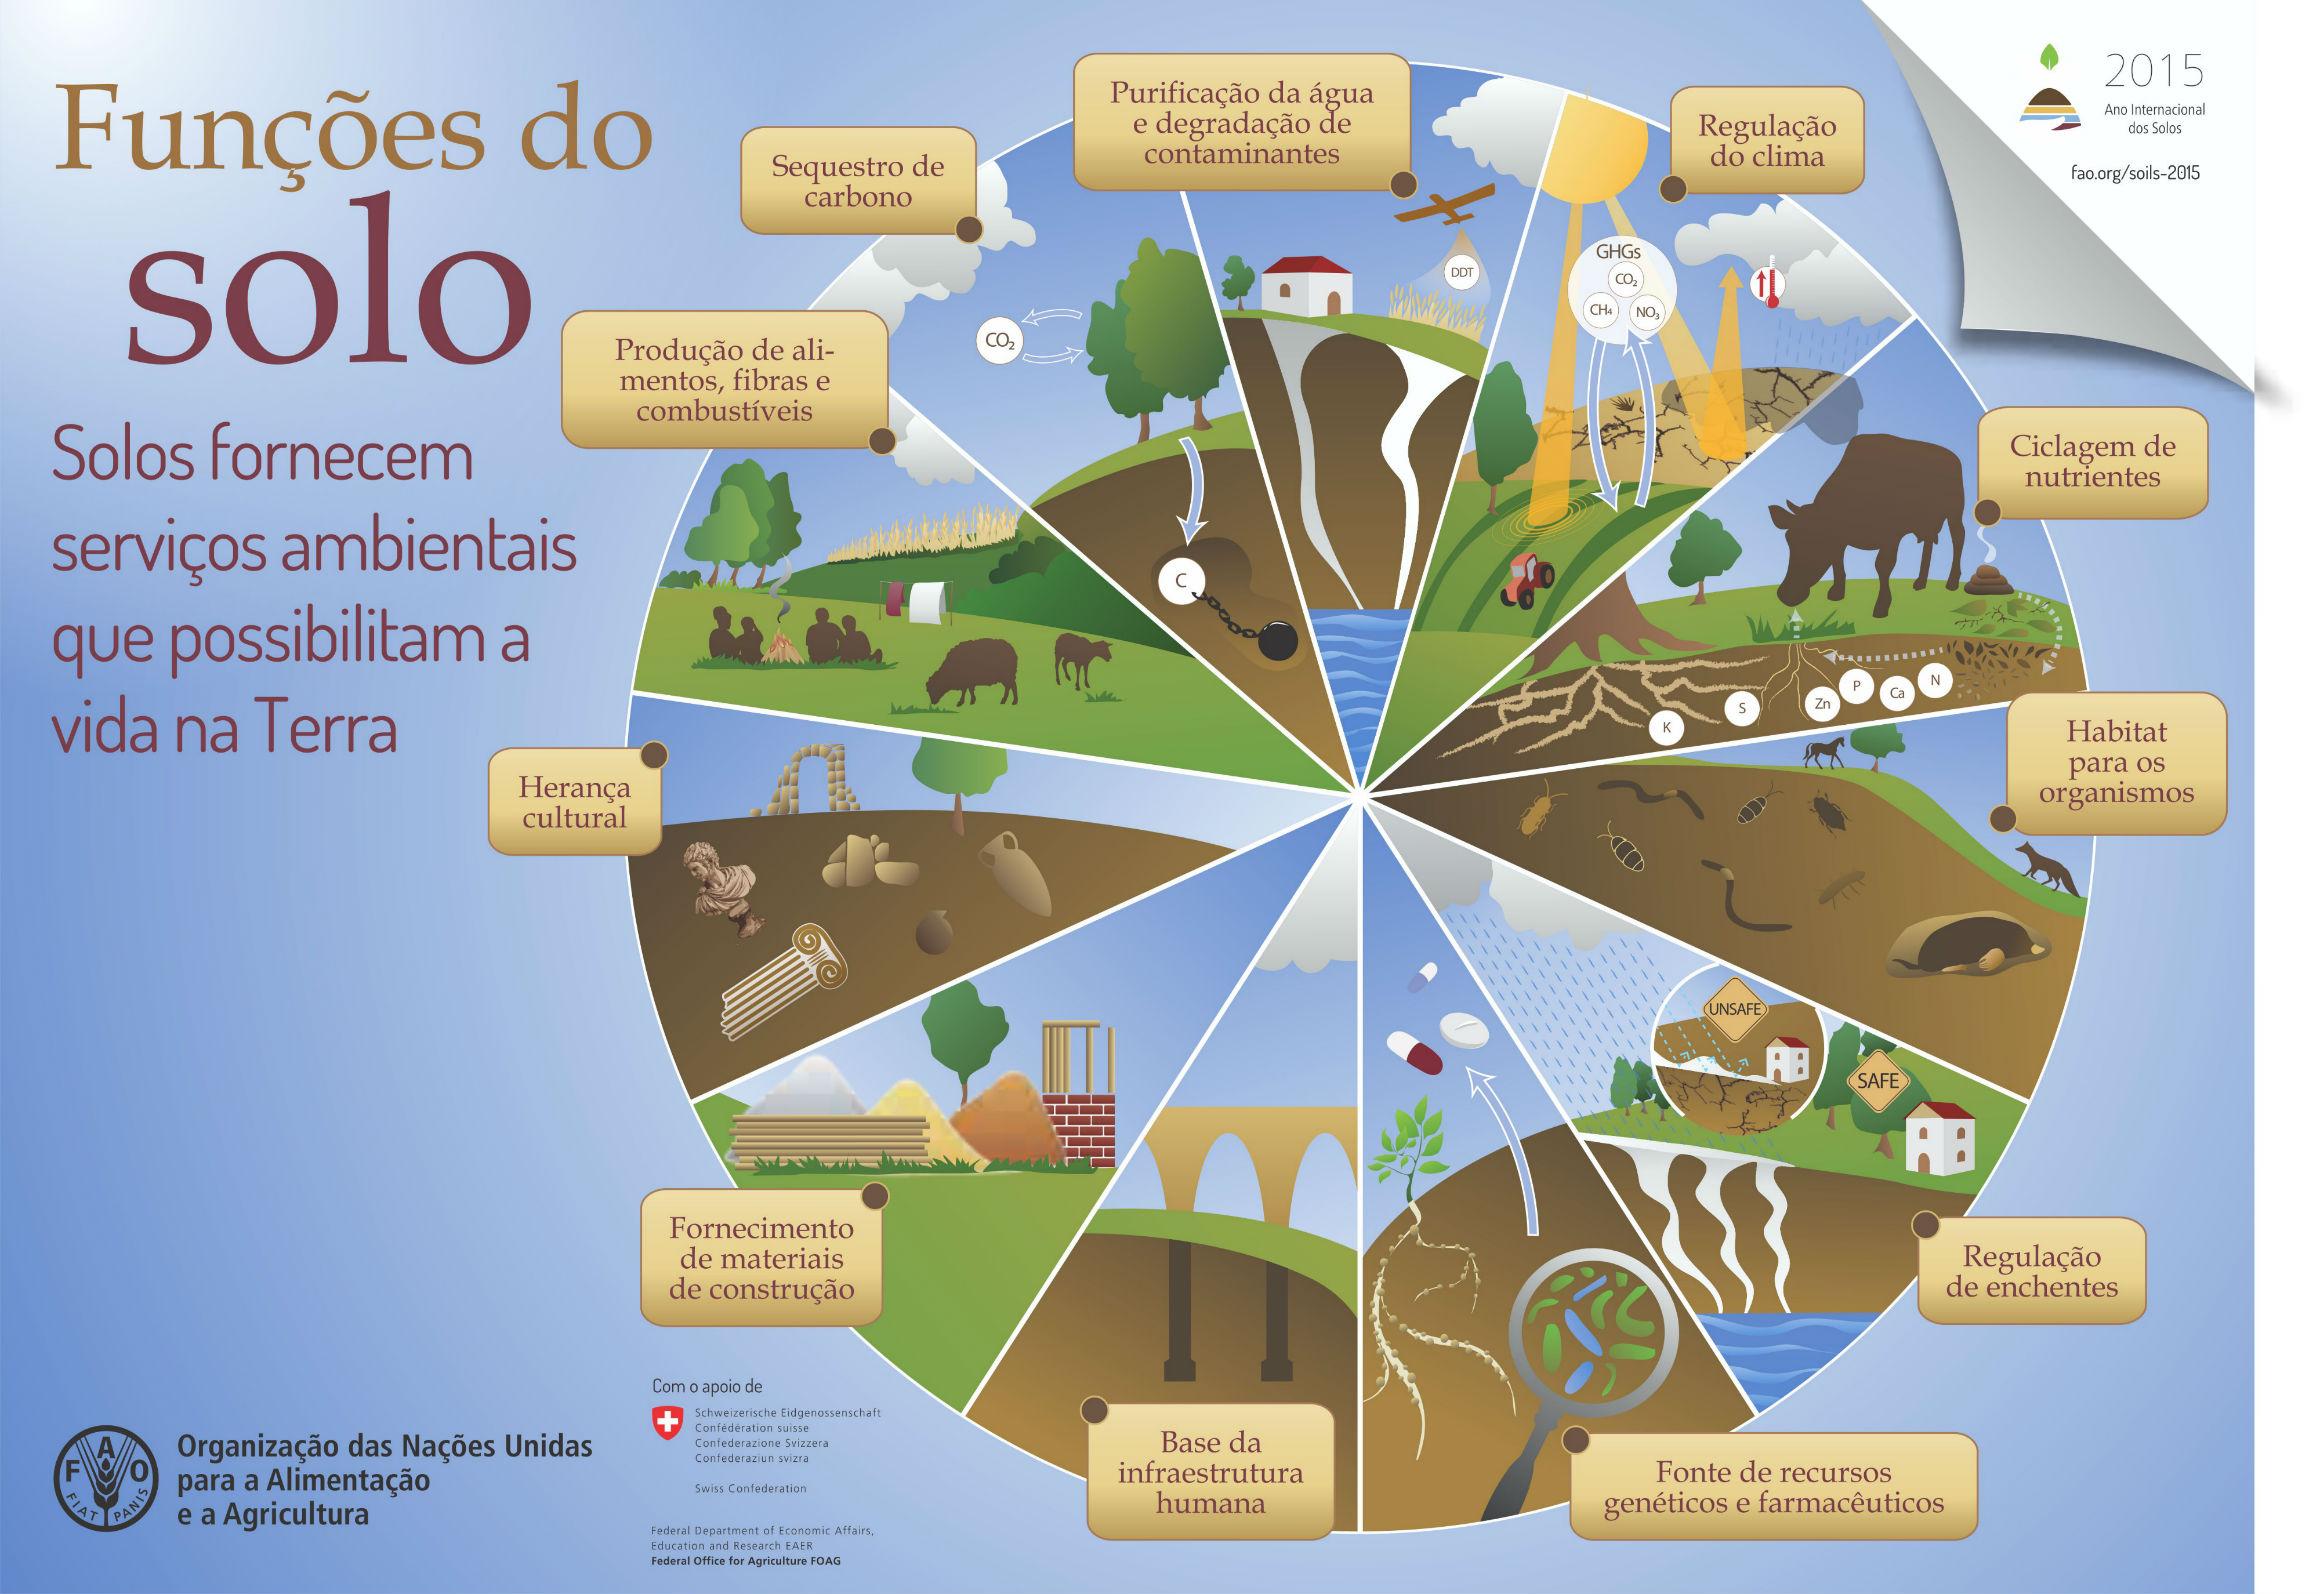 FAO - Esquema mostra as funções do solo